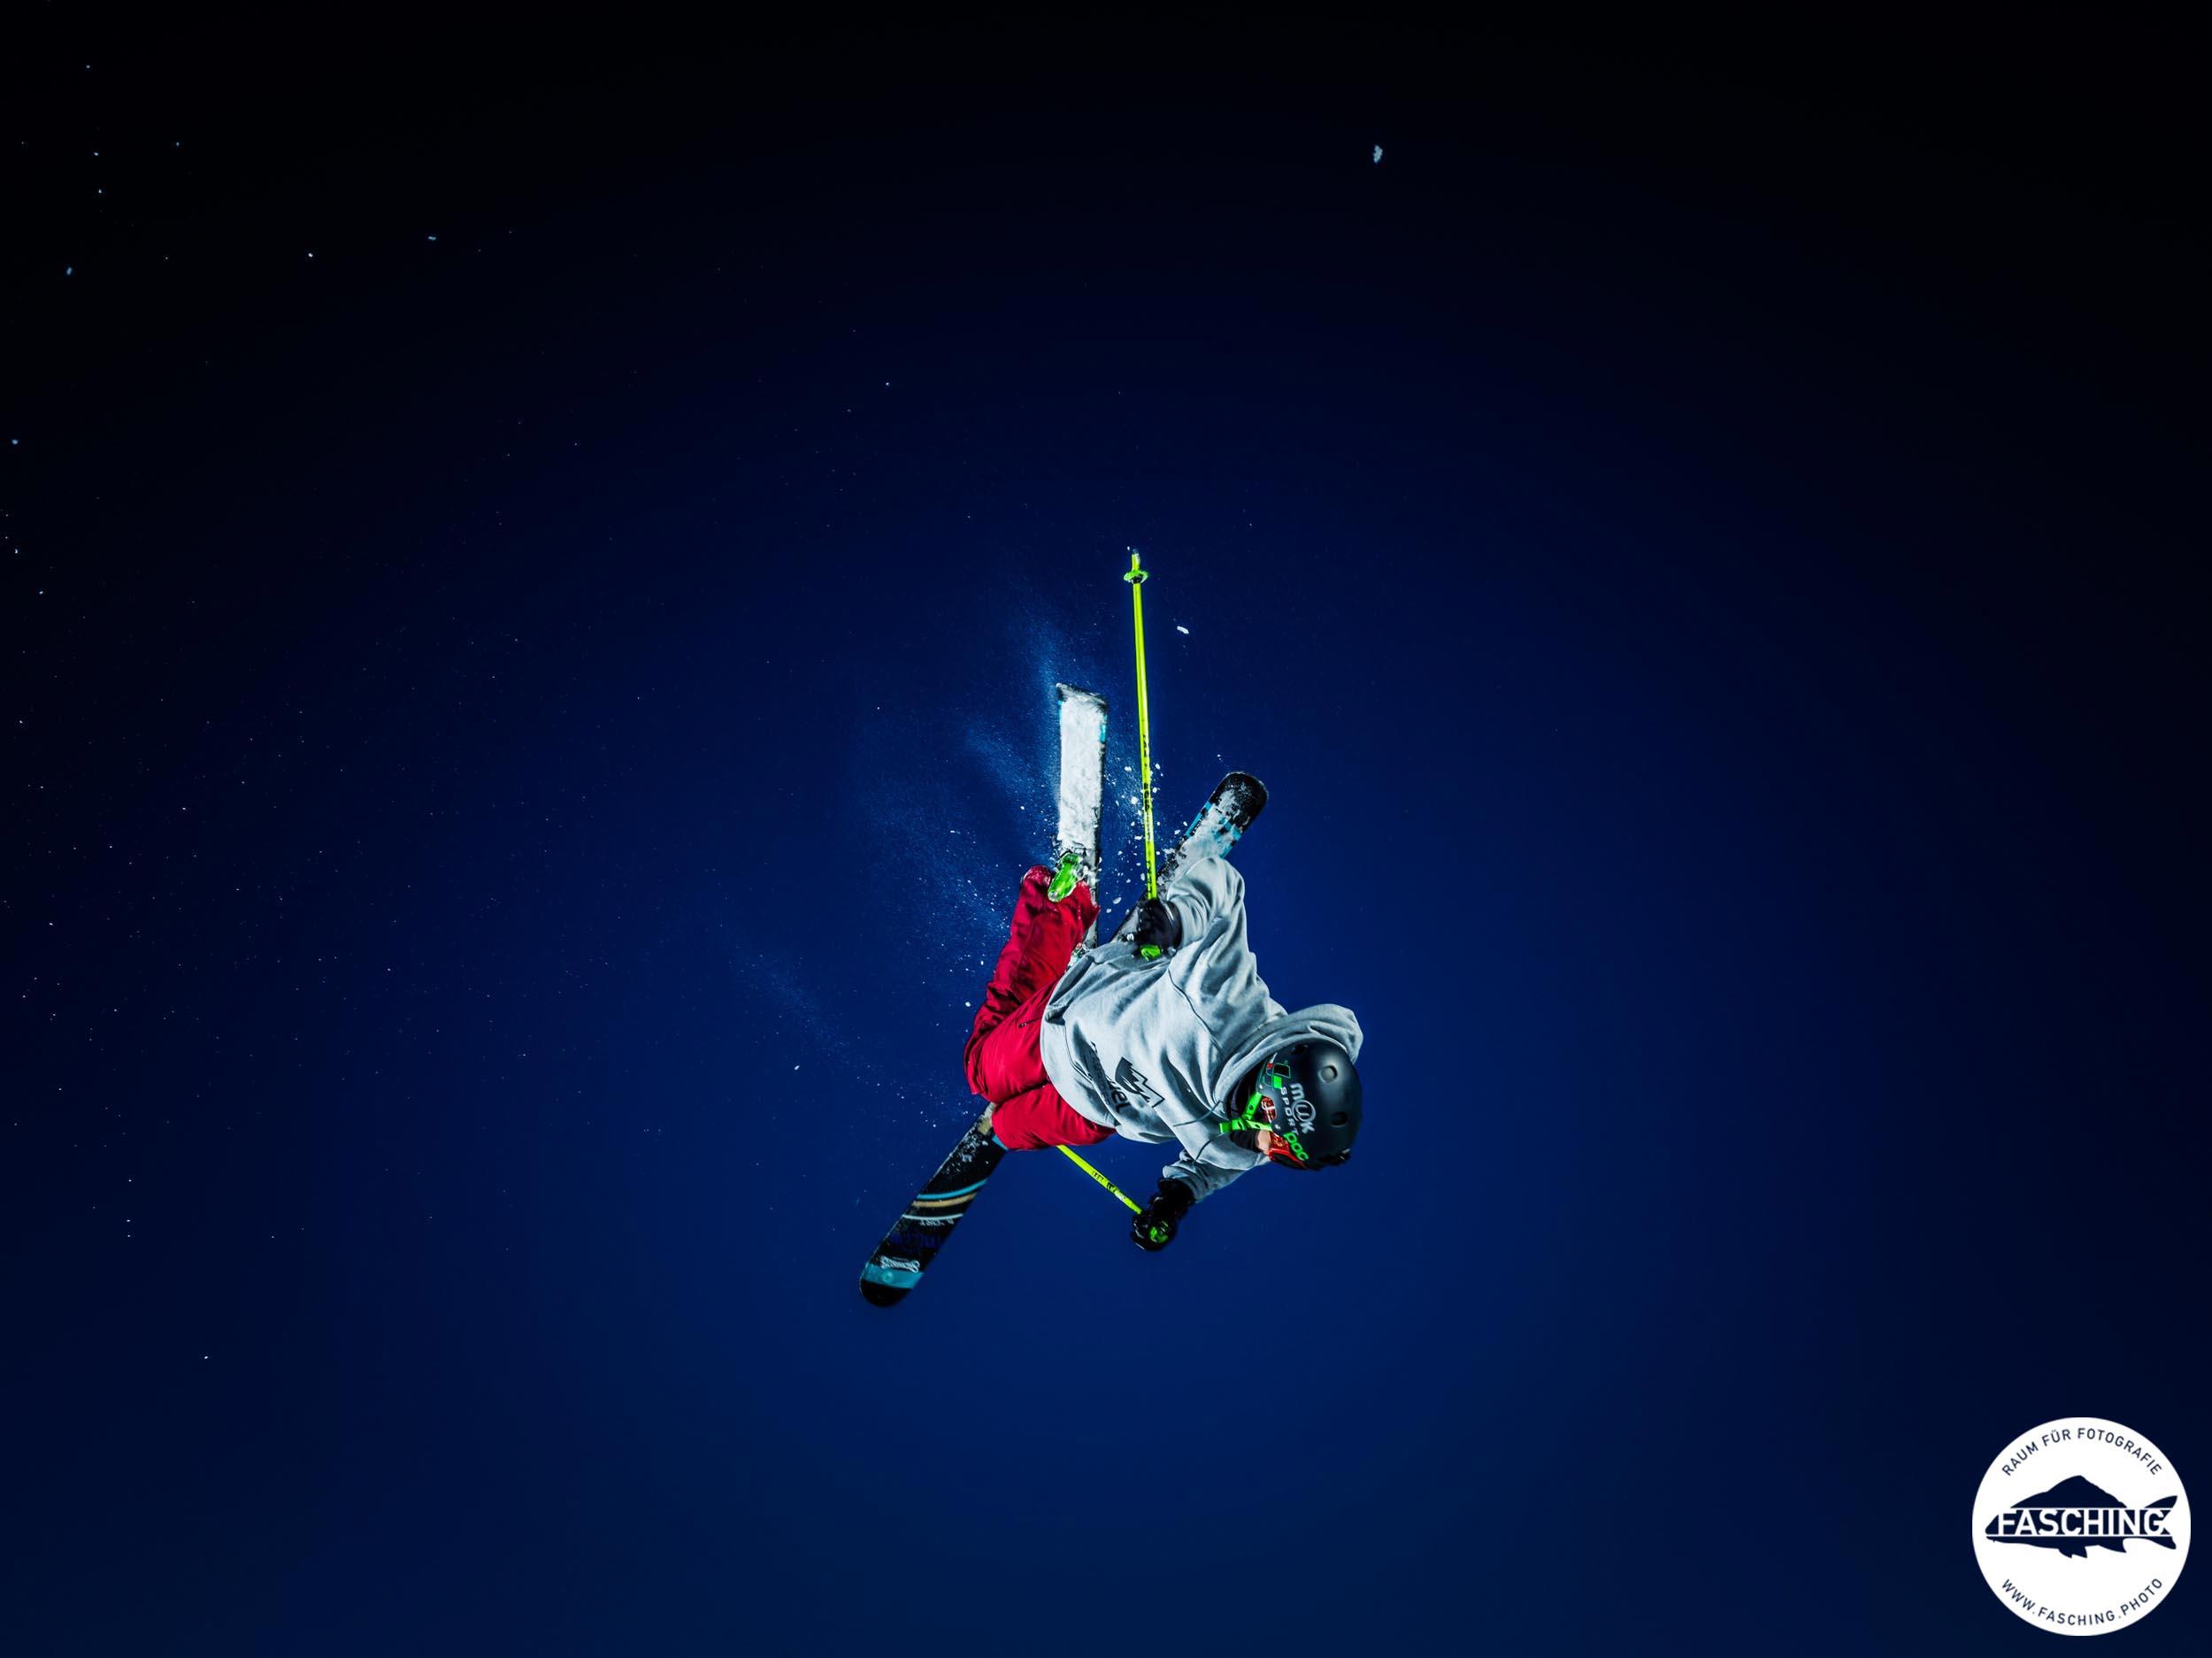 Sportaufnahmen der Freestyleskifahrer von Luca Fasching